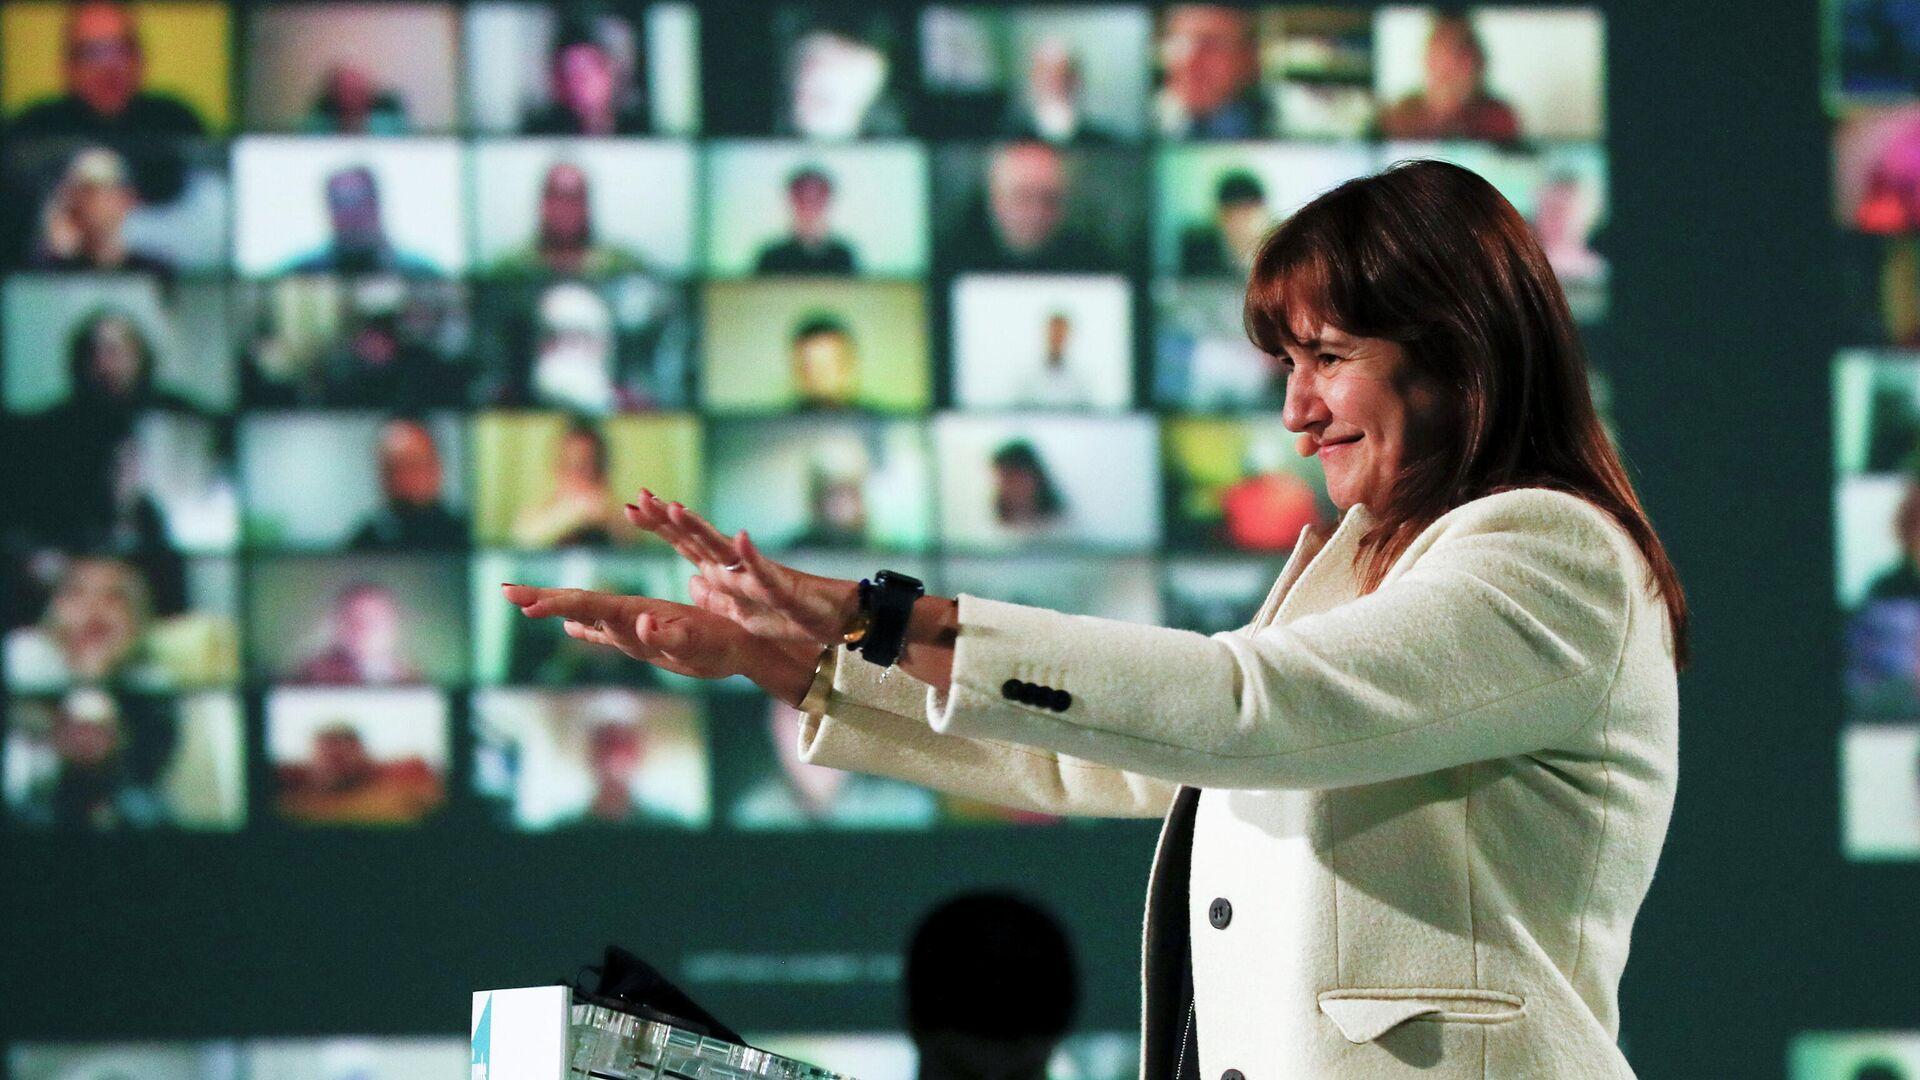 Laura Borràs, la candidata de Junts per Catalunya (JxCat) - Sputnik Mundo, 1920, 12.02.2021